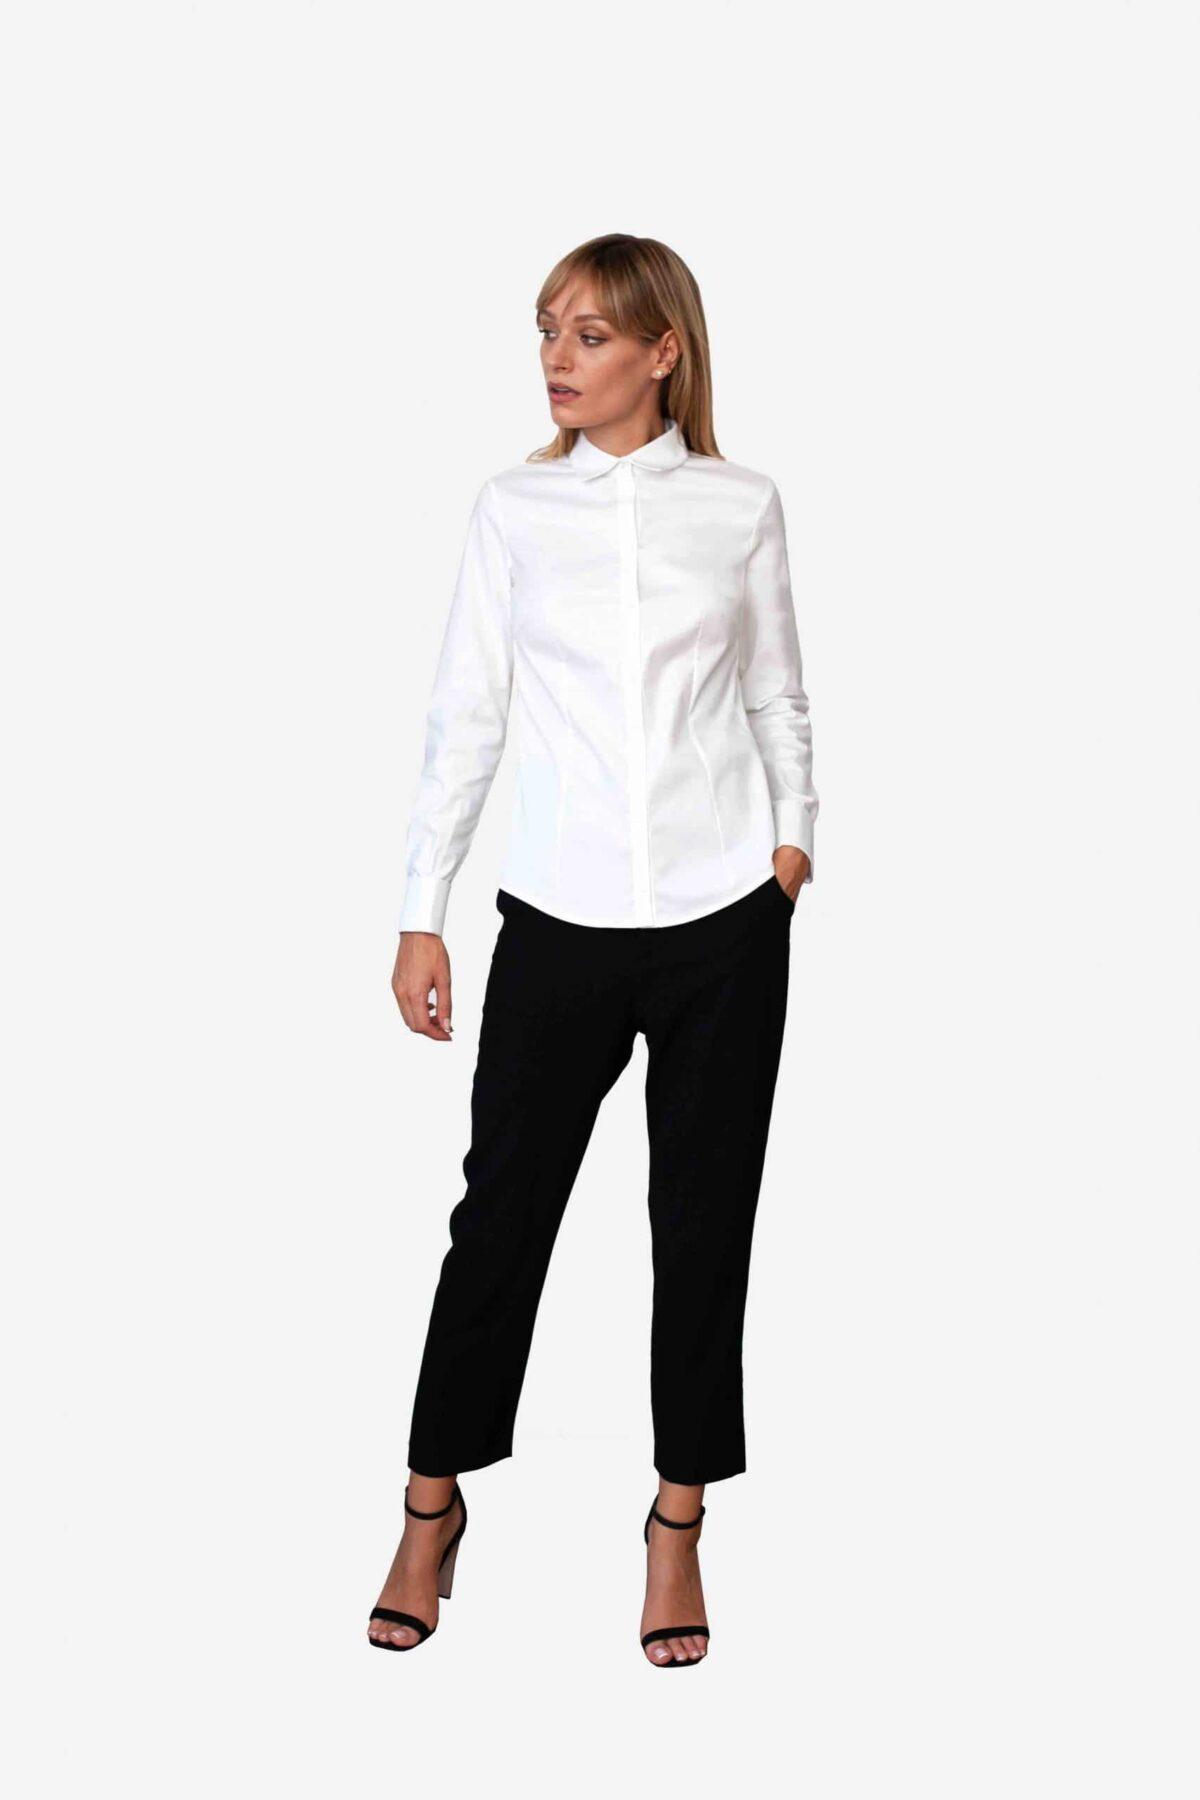 Bluse Michelle von SANOGE. Klassische Business Bluse in weiß. Hergestellt in Deutschland. Nachhaltig.